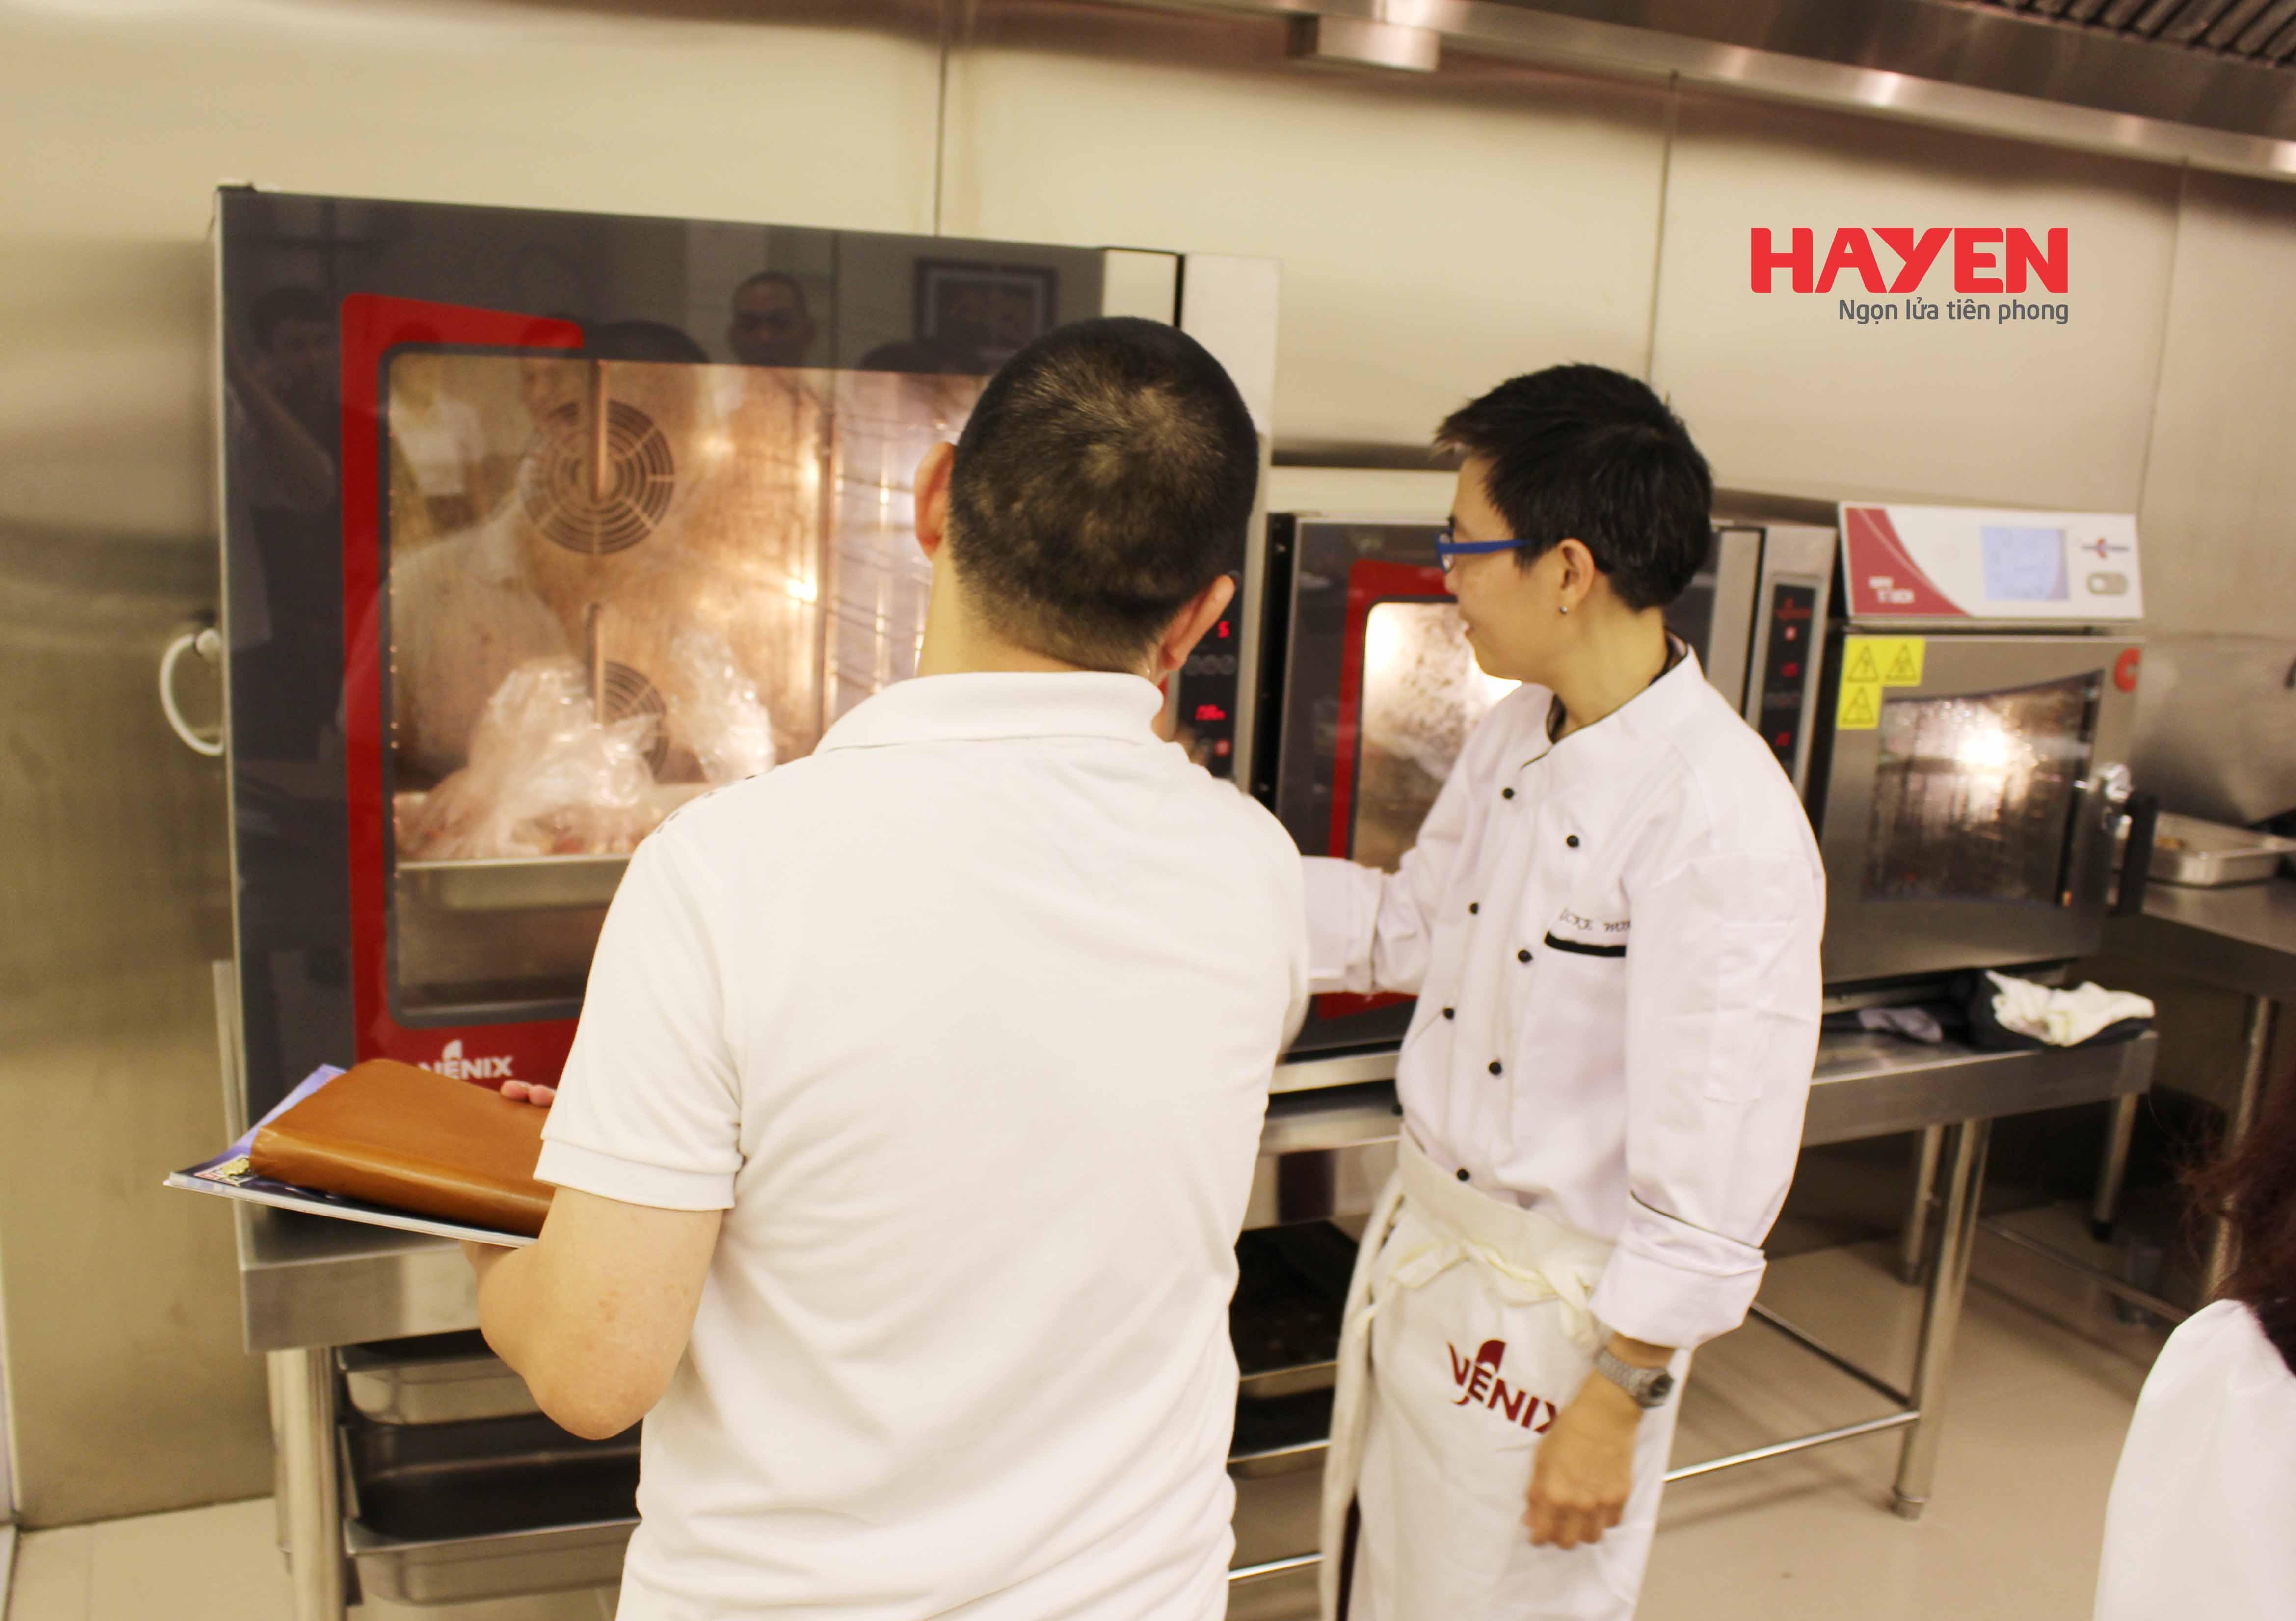 Hà Yến chuyên sửa chữa tủ lạnh, tủ đông công nghiệp không điều chỉnh được nhiệt độ kịp thời,hiệu quả.